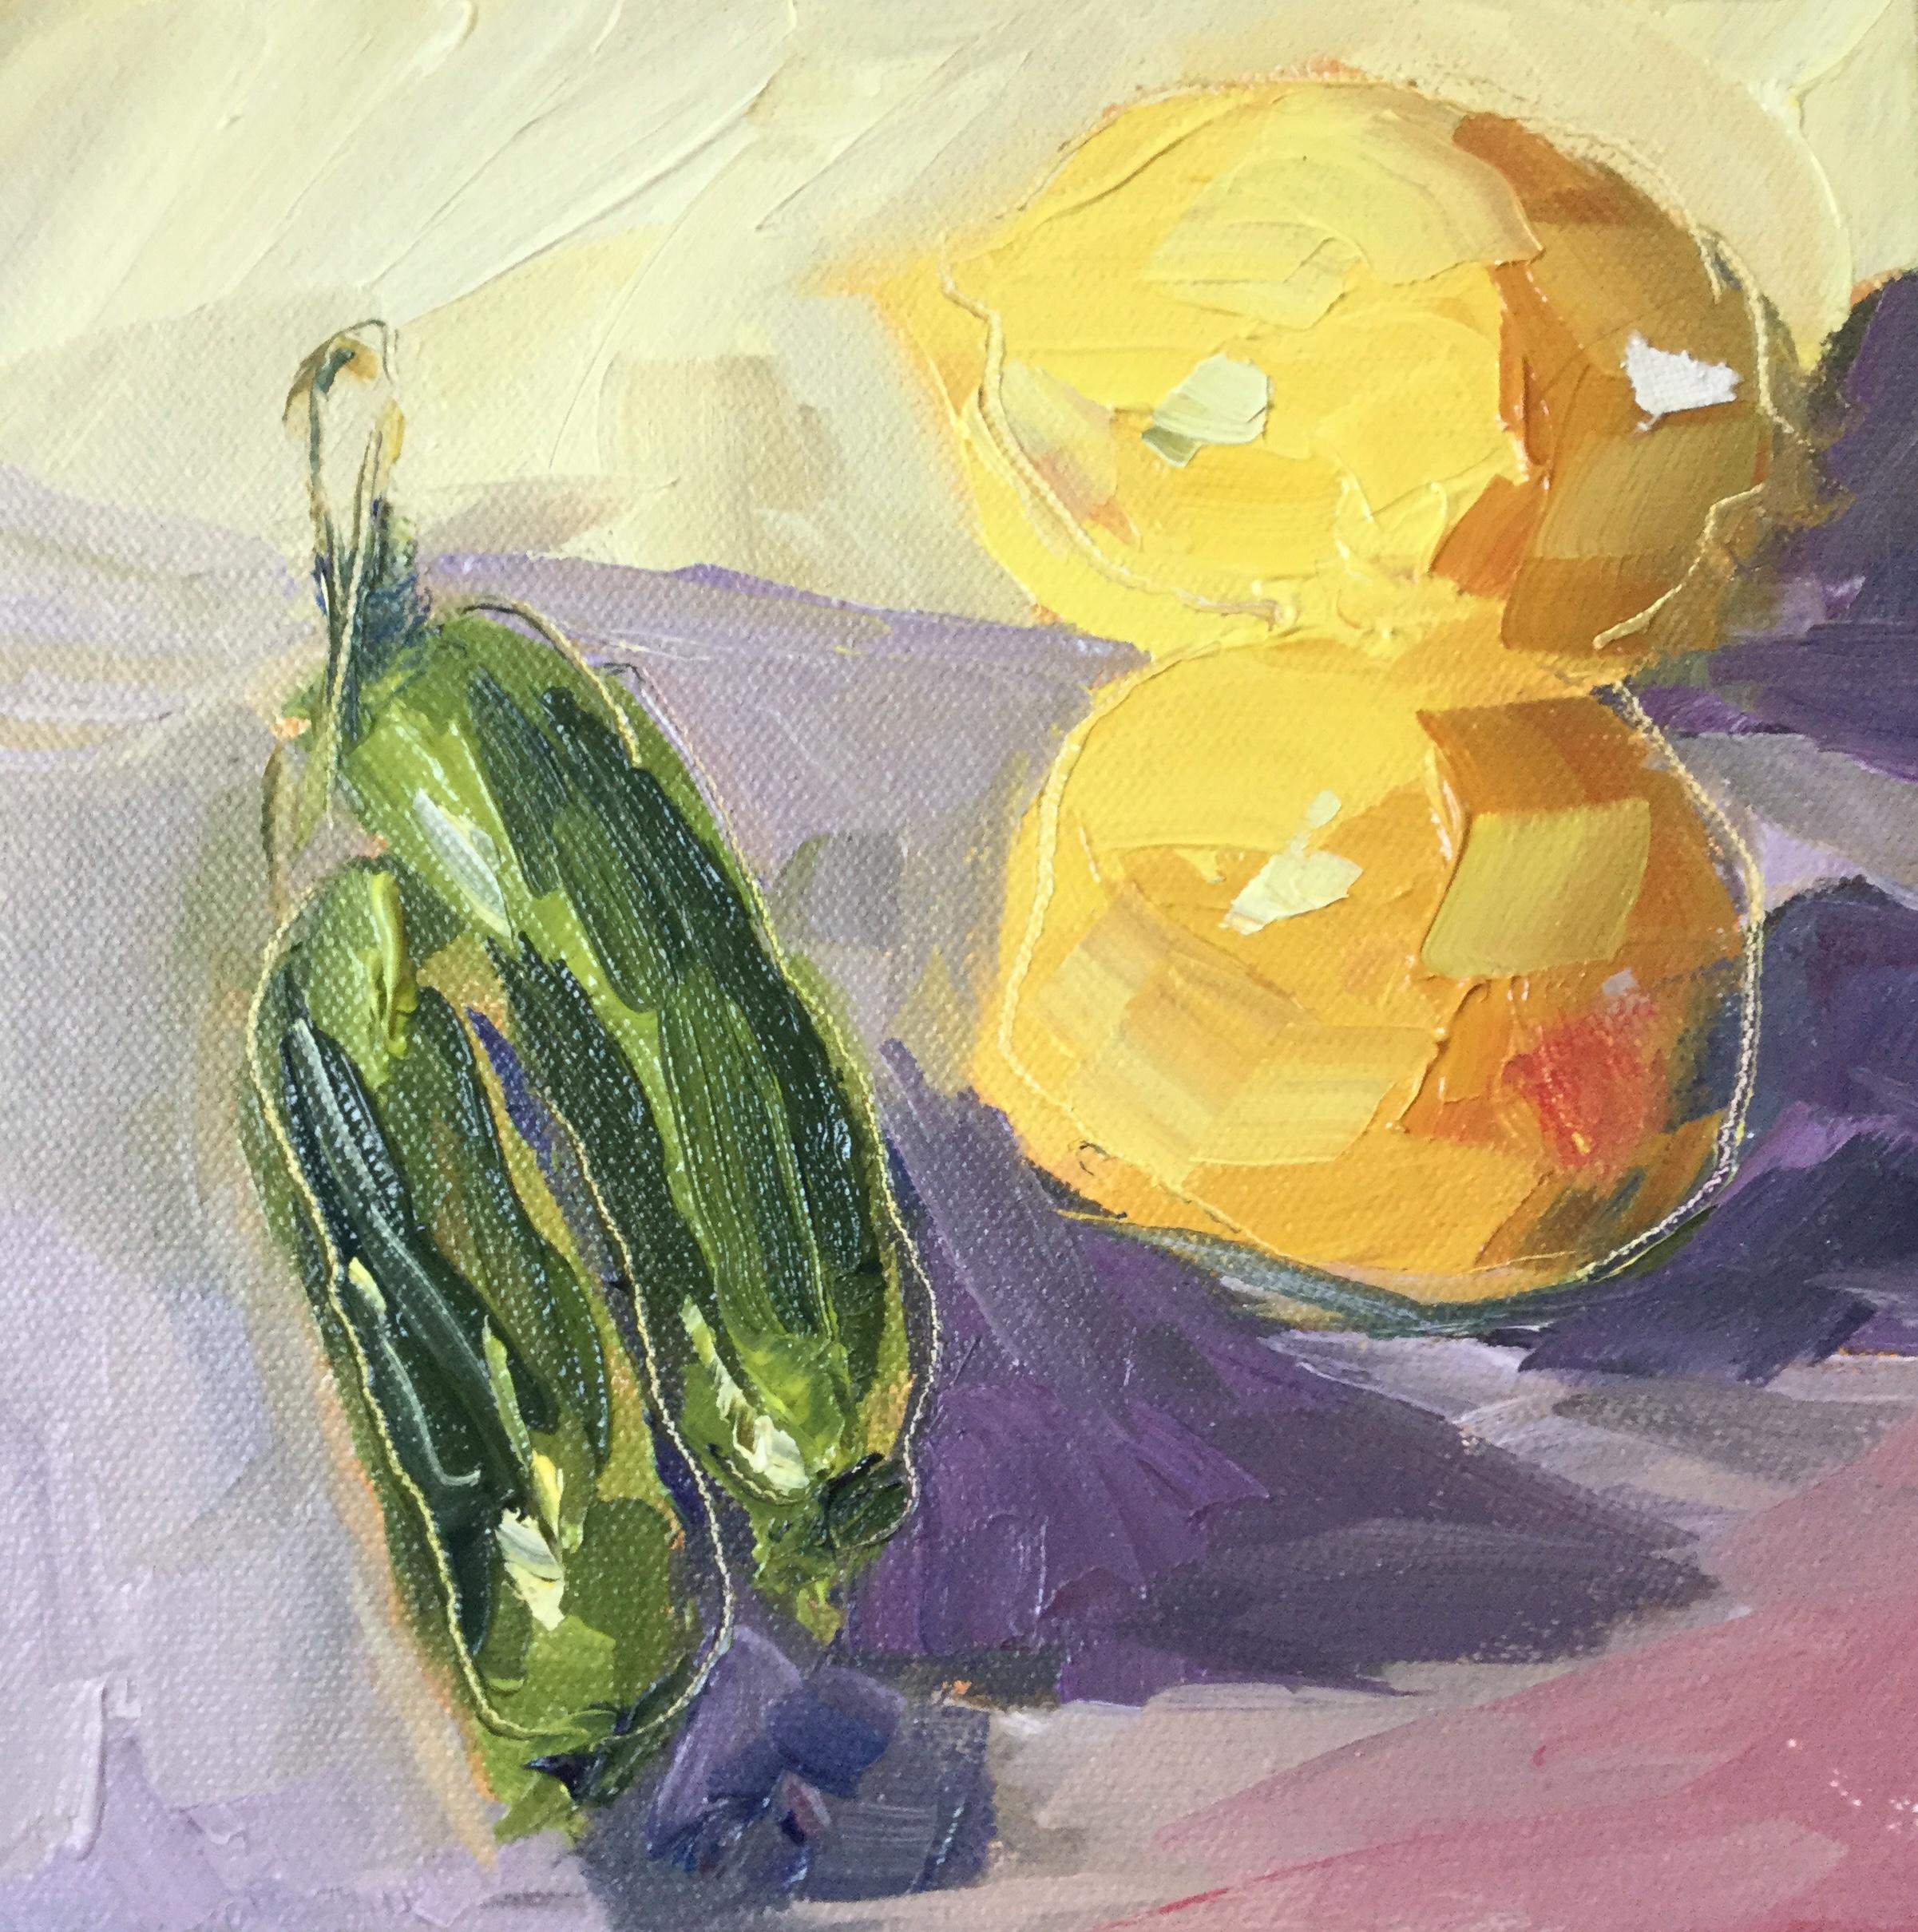 Jalapeno Lemon Zest